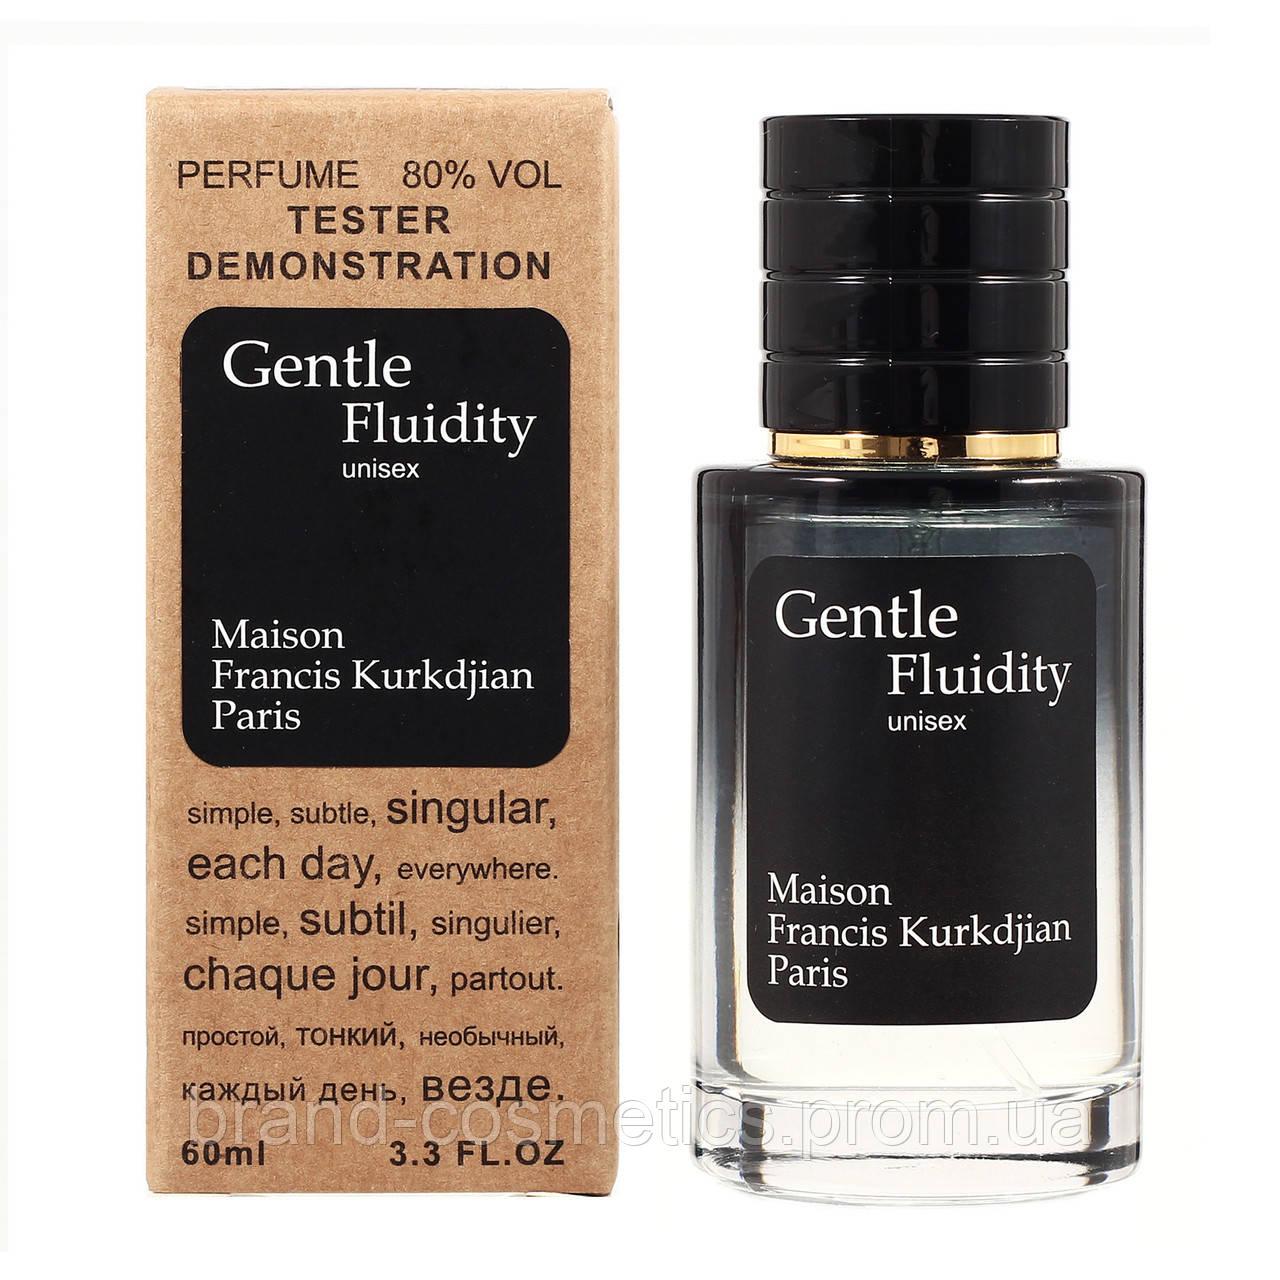 Maison Francis Kurkdjian Gentle Fluidity TESTER LUX, унисекс, 60 мл